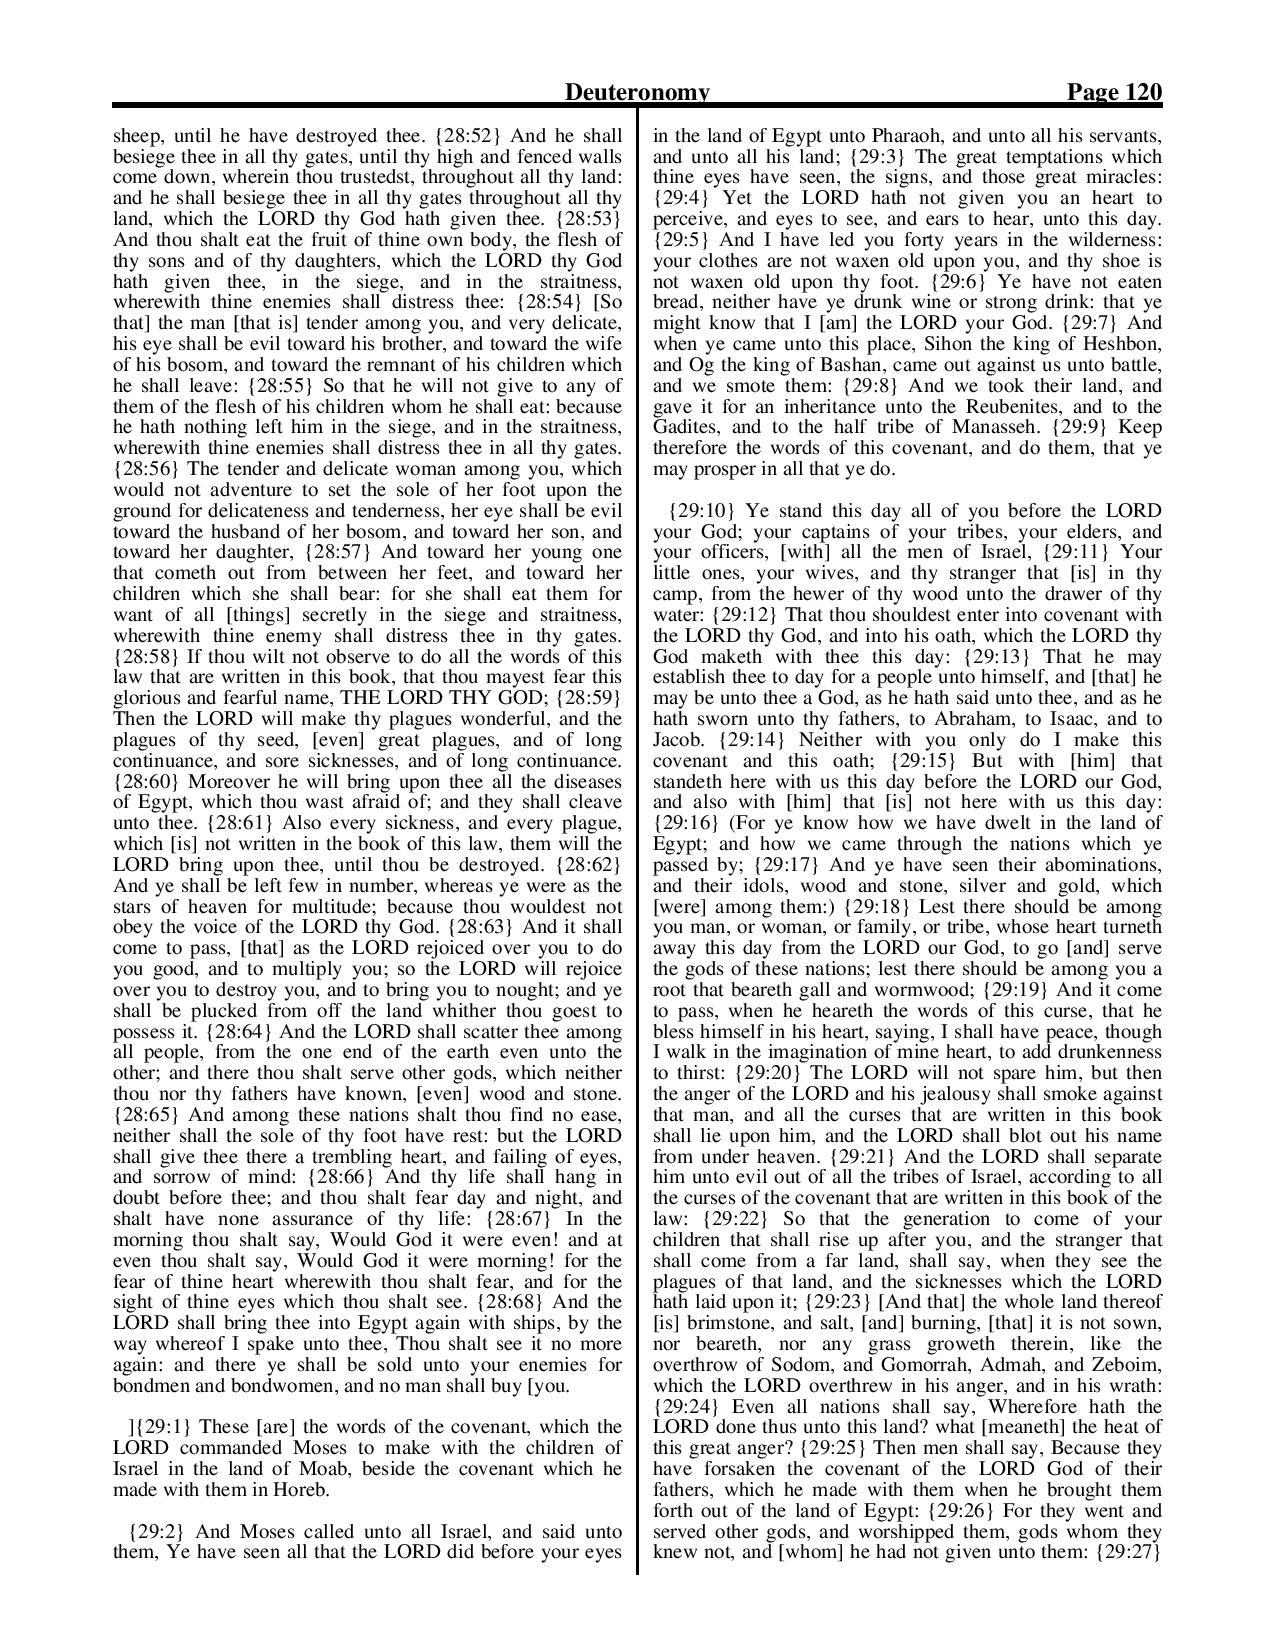 King-James-Bible-KJV-Bible-PDF-page-141